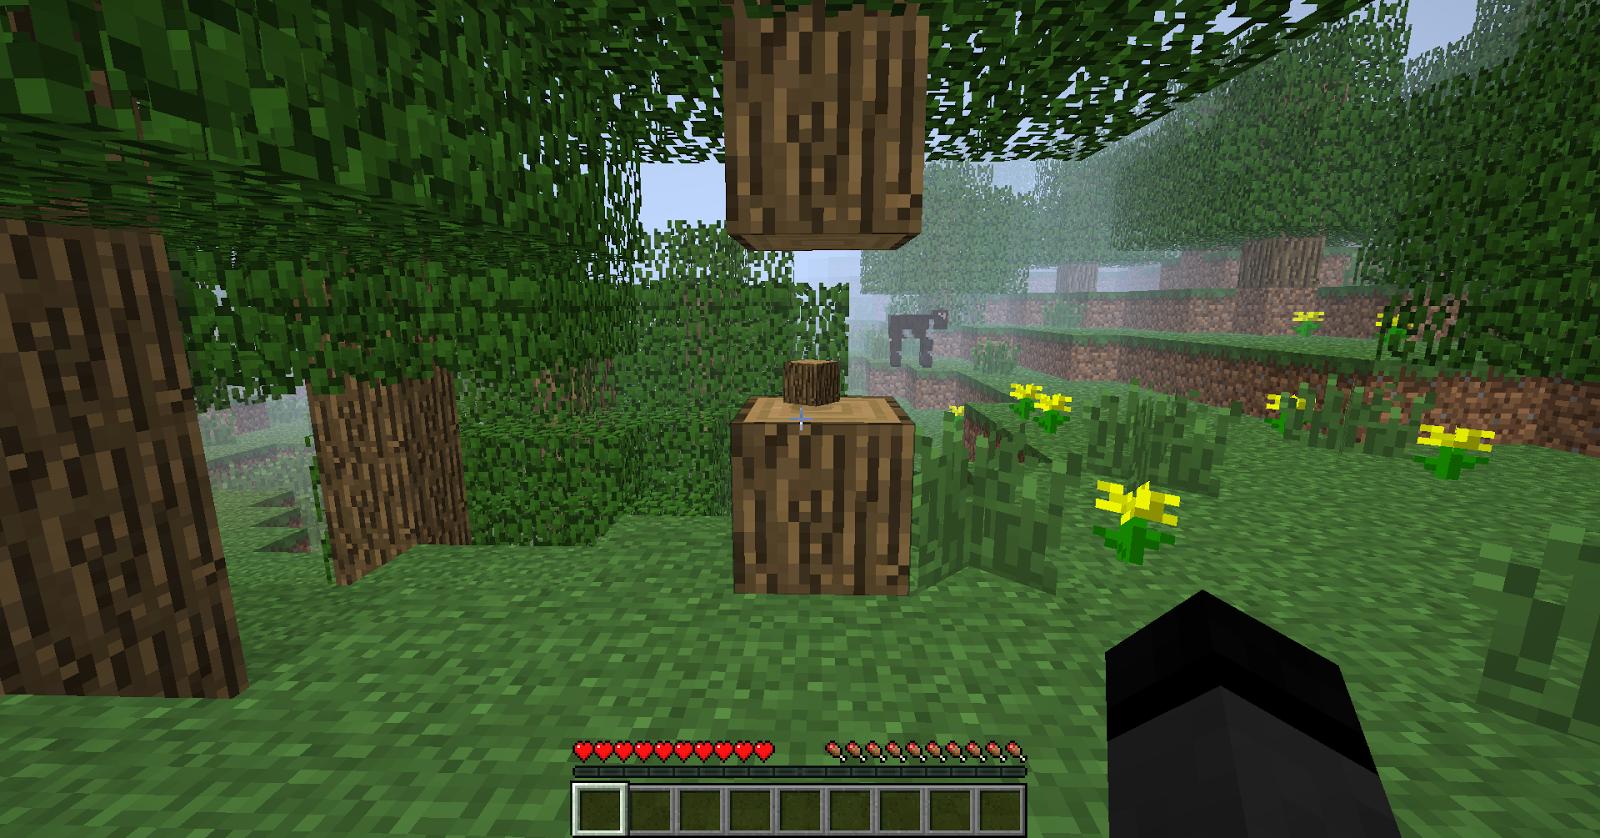 Segure com o botão esquerdo do mouse e a madeira vai rachar #BEC407 1600x838